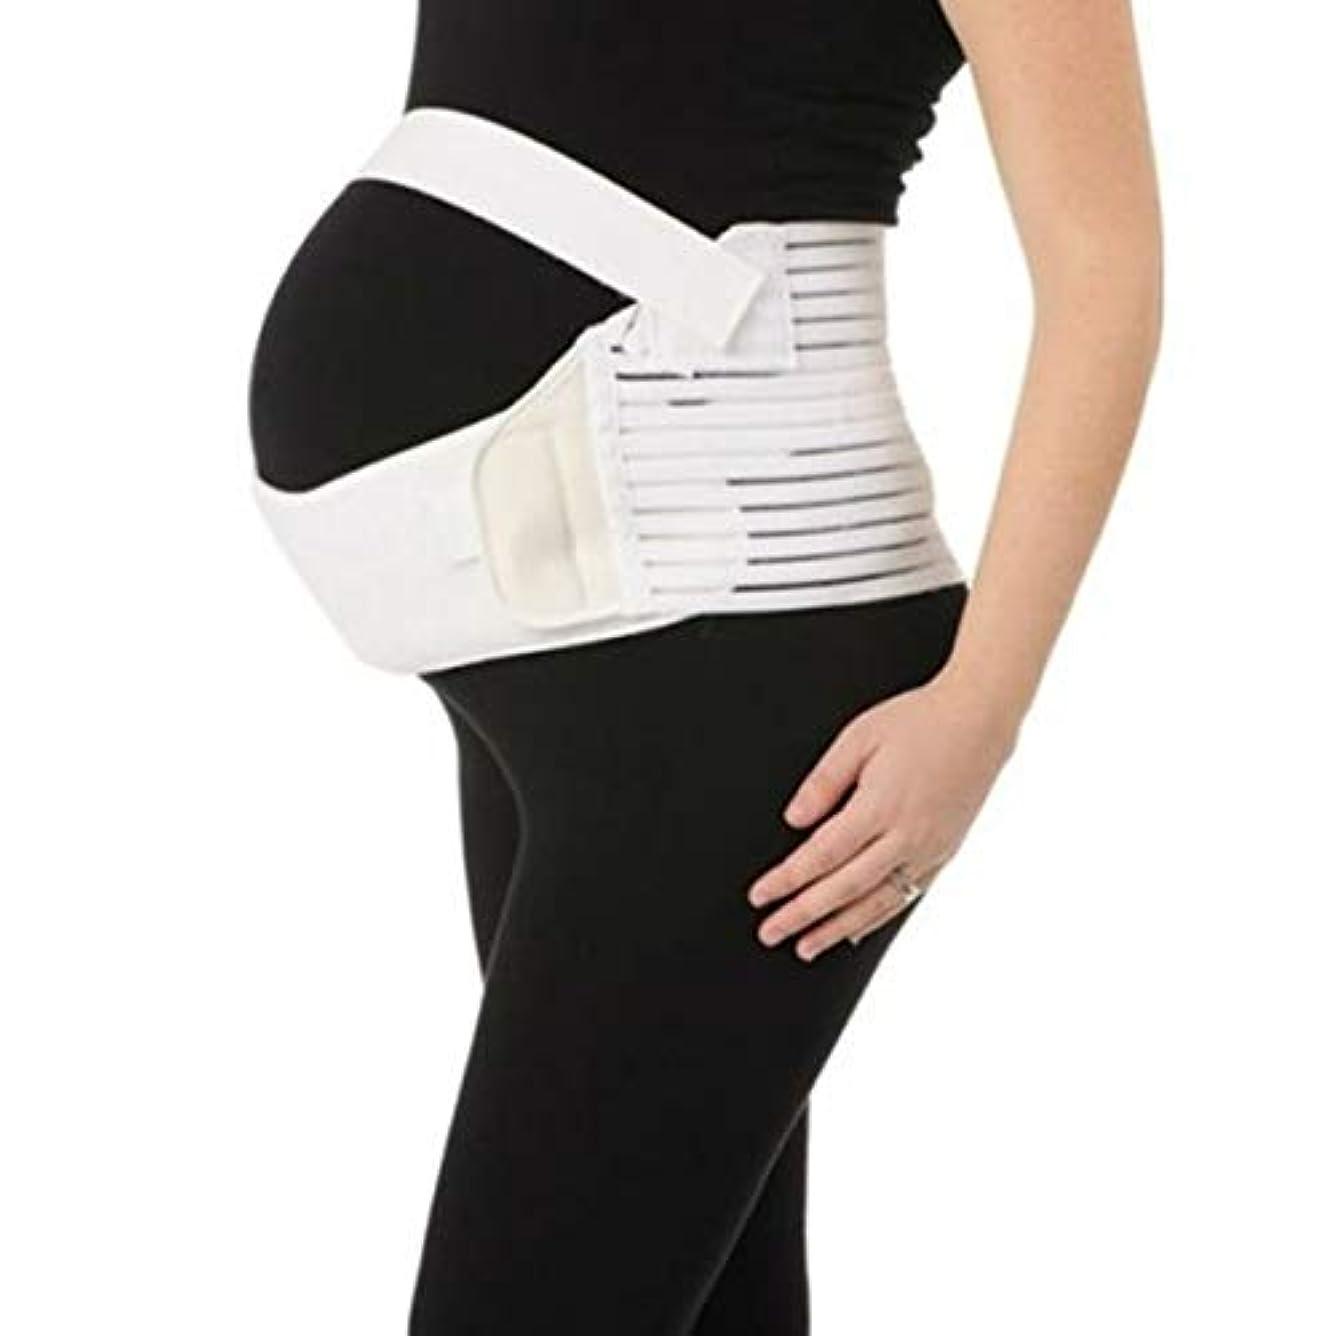 遅れ酸化するエンドテーブル通気性マタニティベルト妊娠腹部サポート腹部バインダーガードル運動包帯産後回復形状ウェア - ホワイトXL